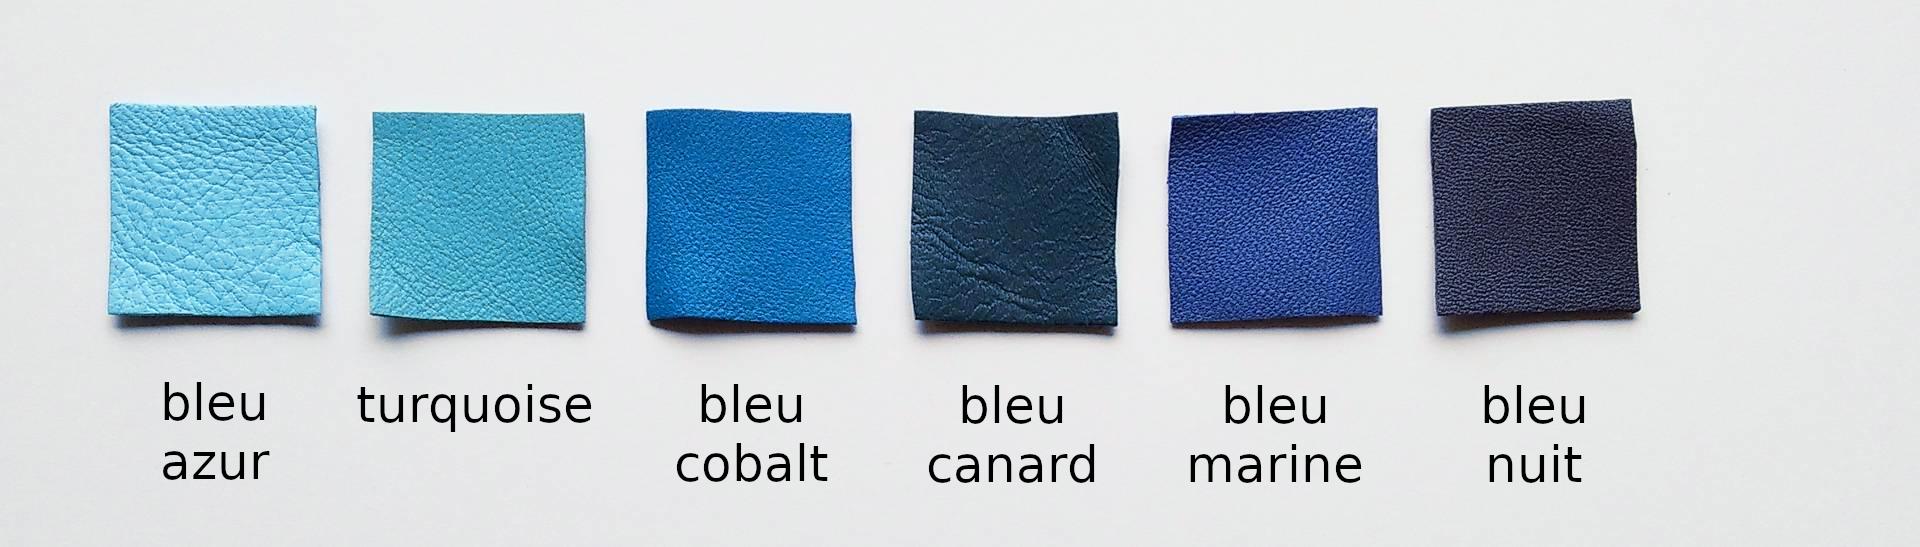 Le cuir du bleu azur au bleu nuit